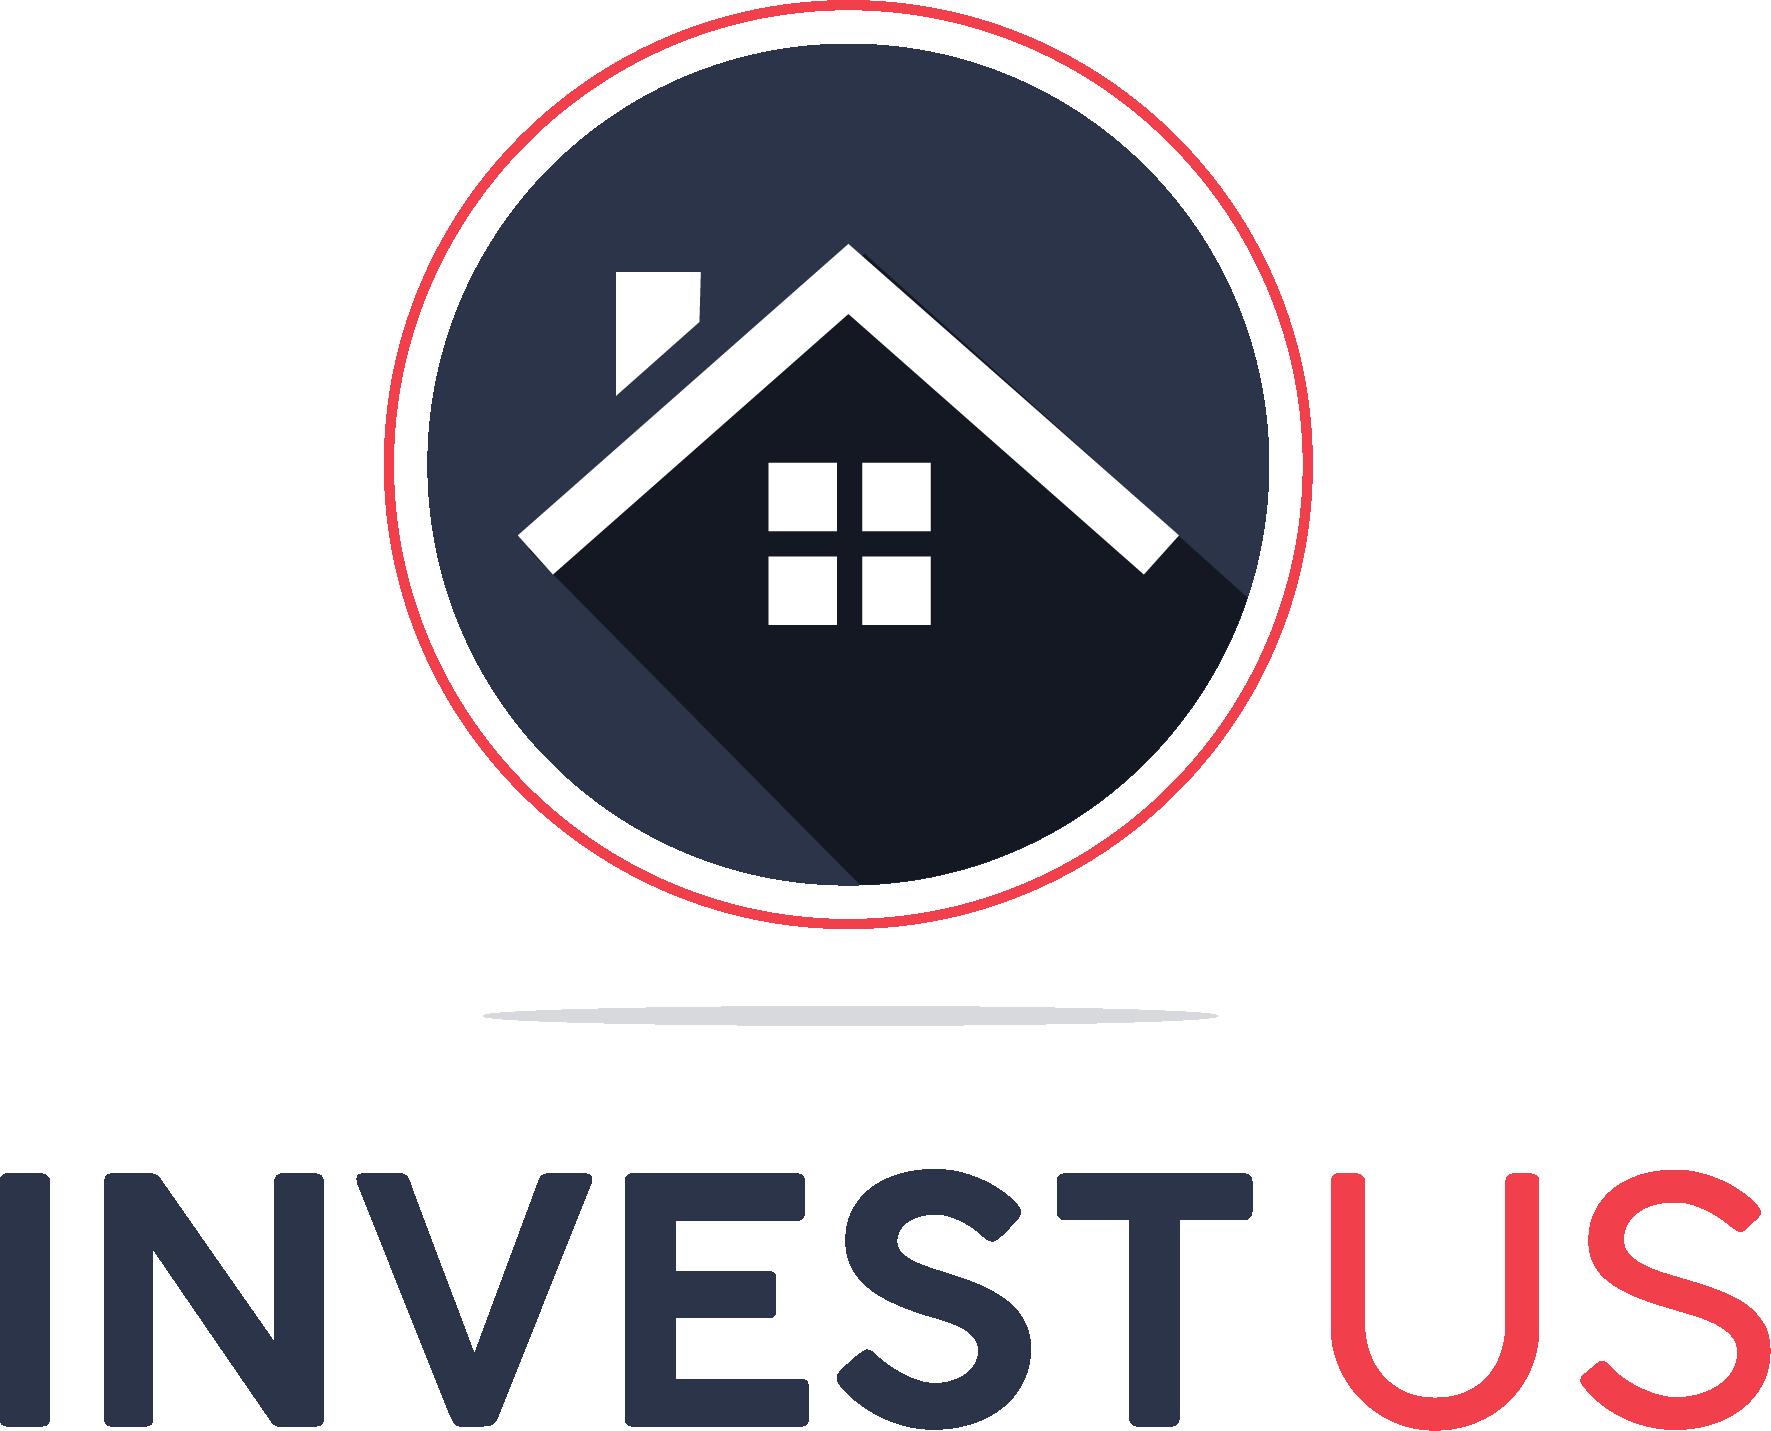 INVEST US - Cleveland permet aux particuliers d'investir dans l'immobilier de Cleveland - Communiqué de presse